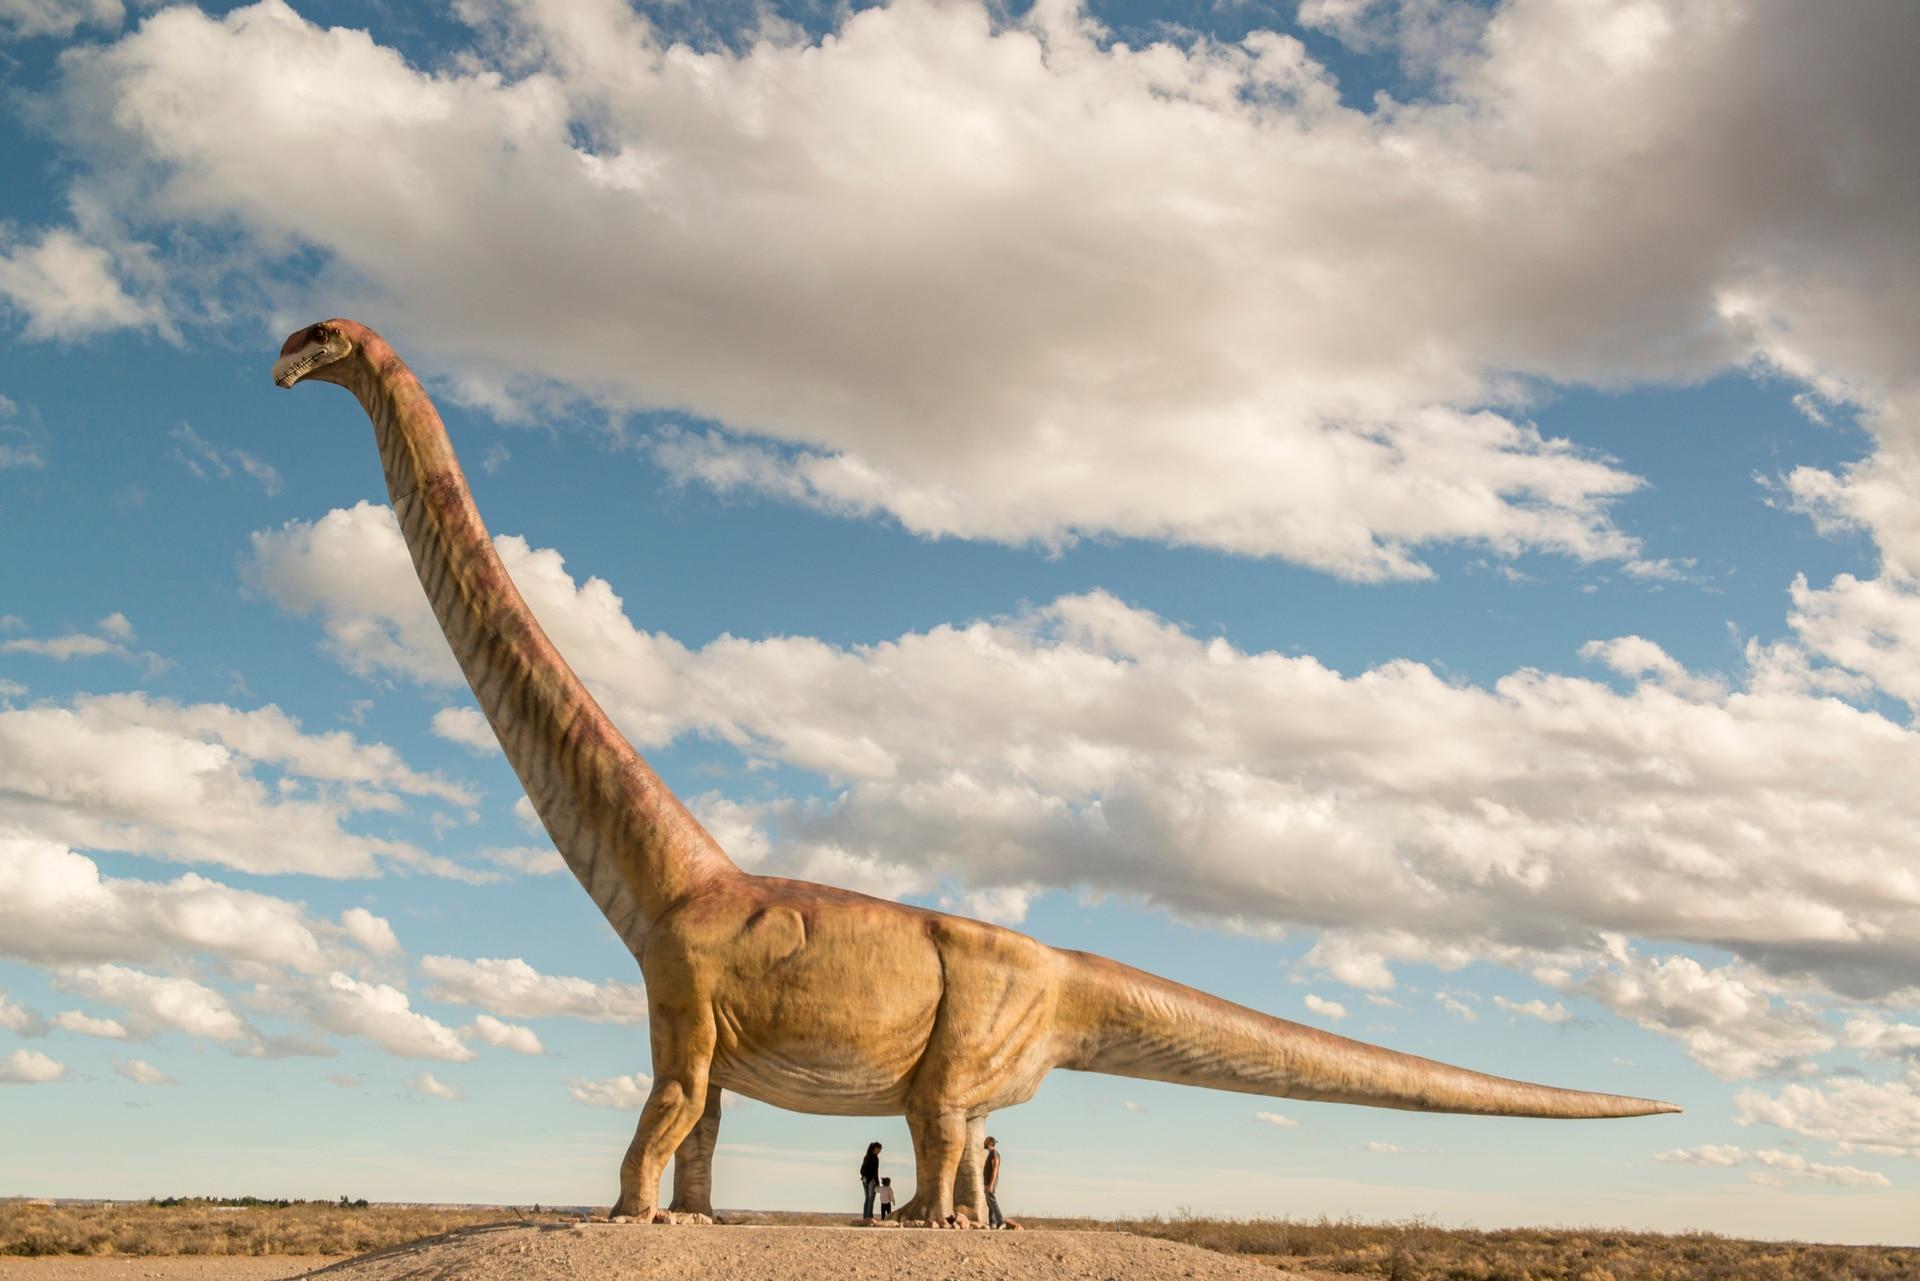 Trelew, Chubut. Es la réplica a escala real del titanosaurio, el hervíboro más grande del mundo (mide 40 metros y pesa 15 toneladas) hallado en una estancia de la zona, en la entrada a la ciudad. Su fémur se expone en el MEF, Museo paleontológico Egidio Feruglio.